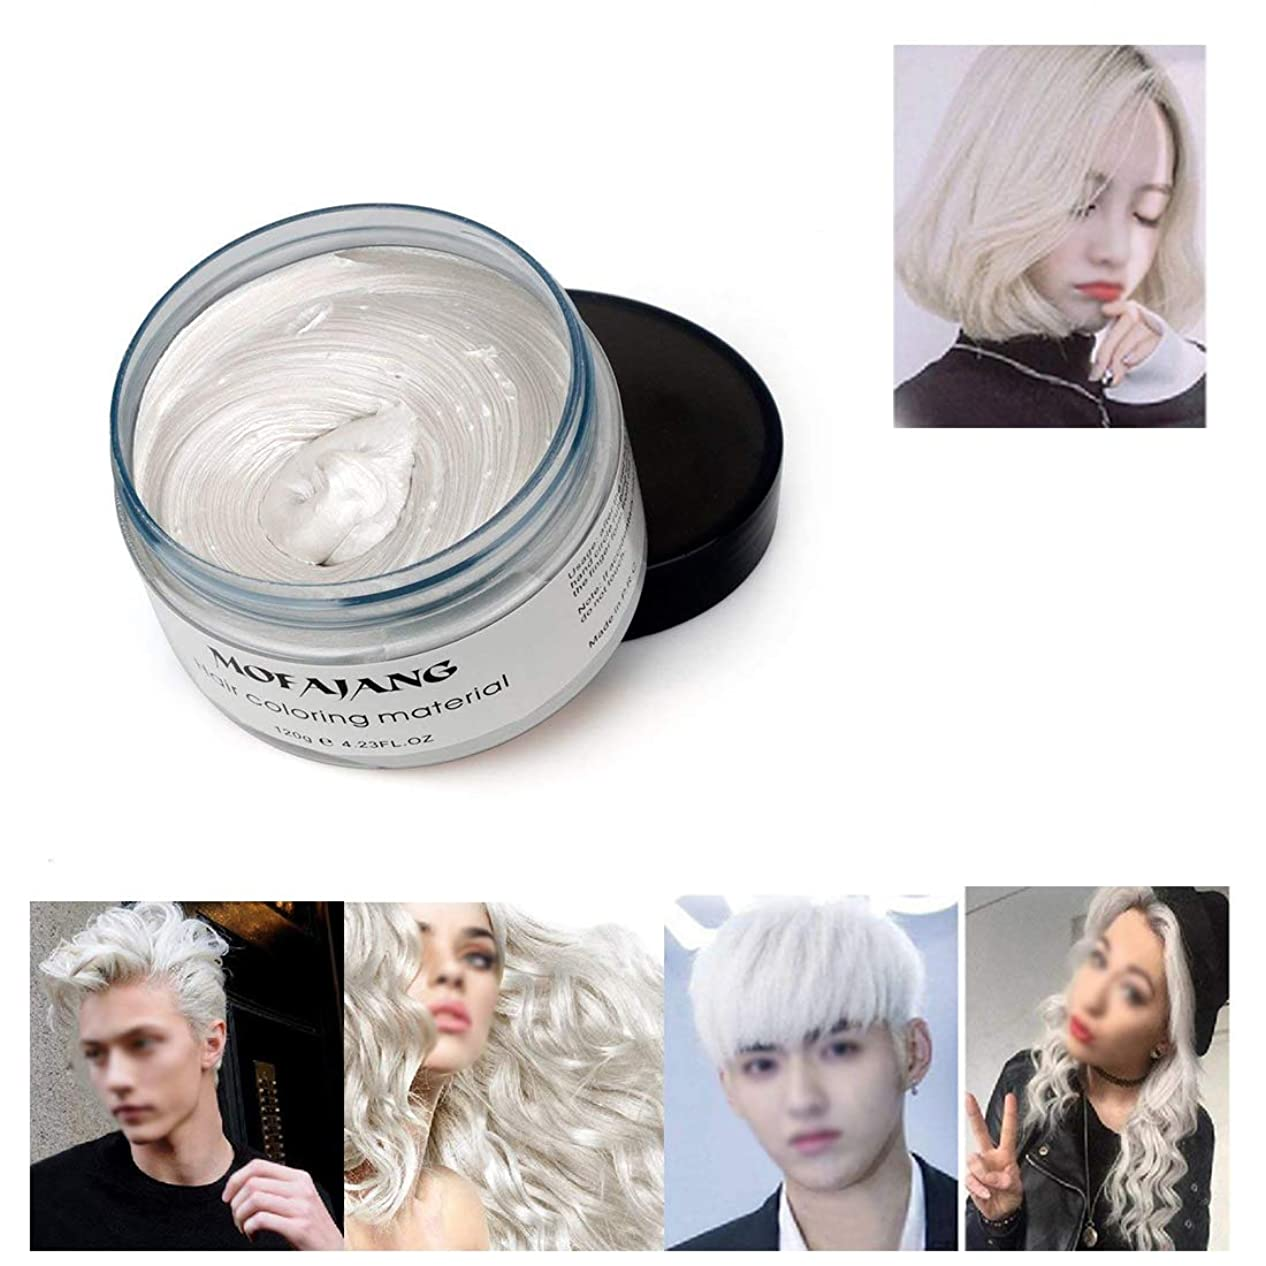 部アトラス読書髪色ワックス,一度だけ一時的に自然色染料ヘアワックスをモデリング,パーティーのための自然なマット髪型。コスプレ、仮装、ナイトクラブ、ハロウィーン (ホワイト)